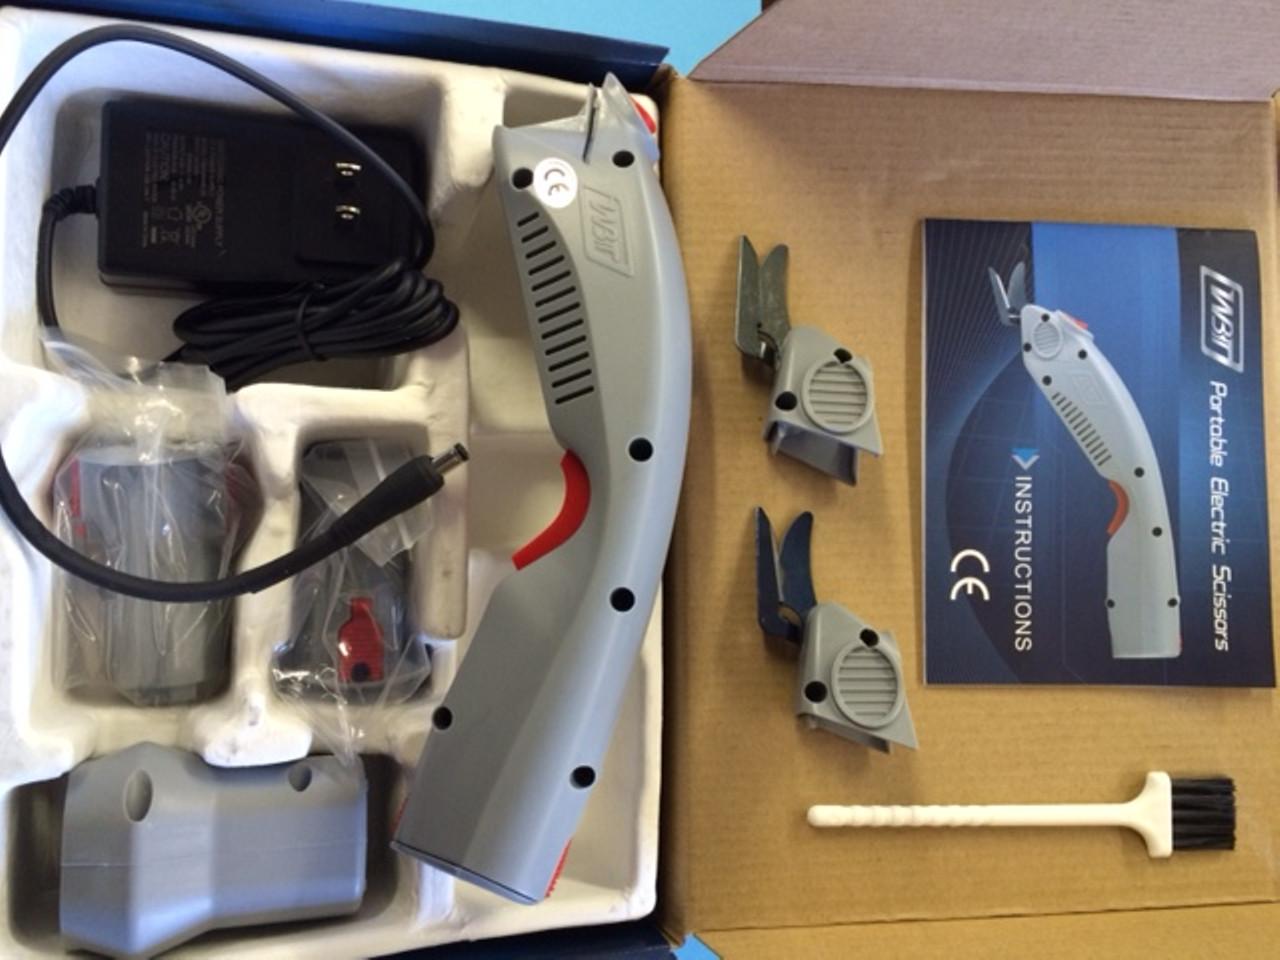 WBT-1 Electric Scissors in the box